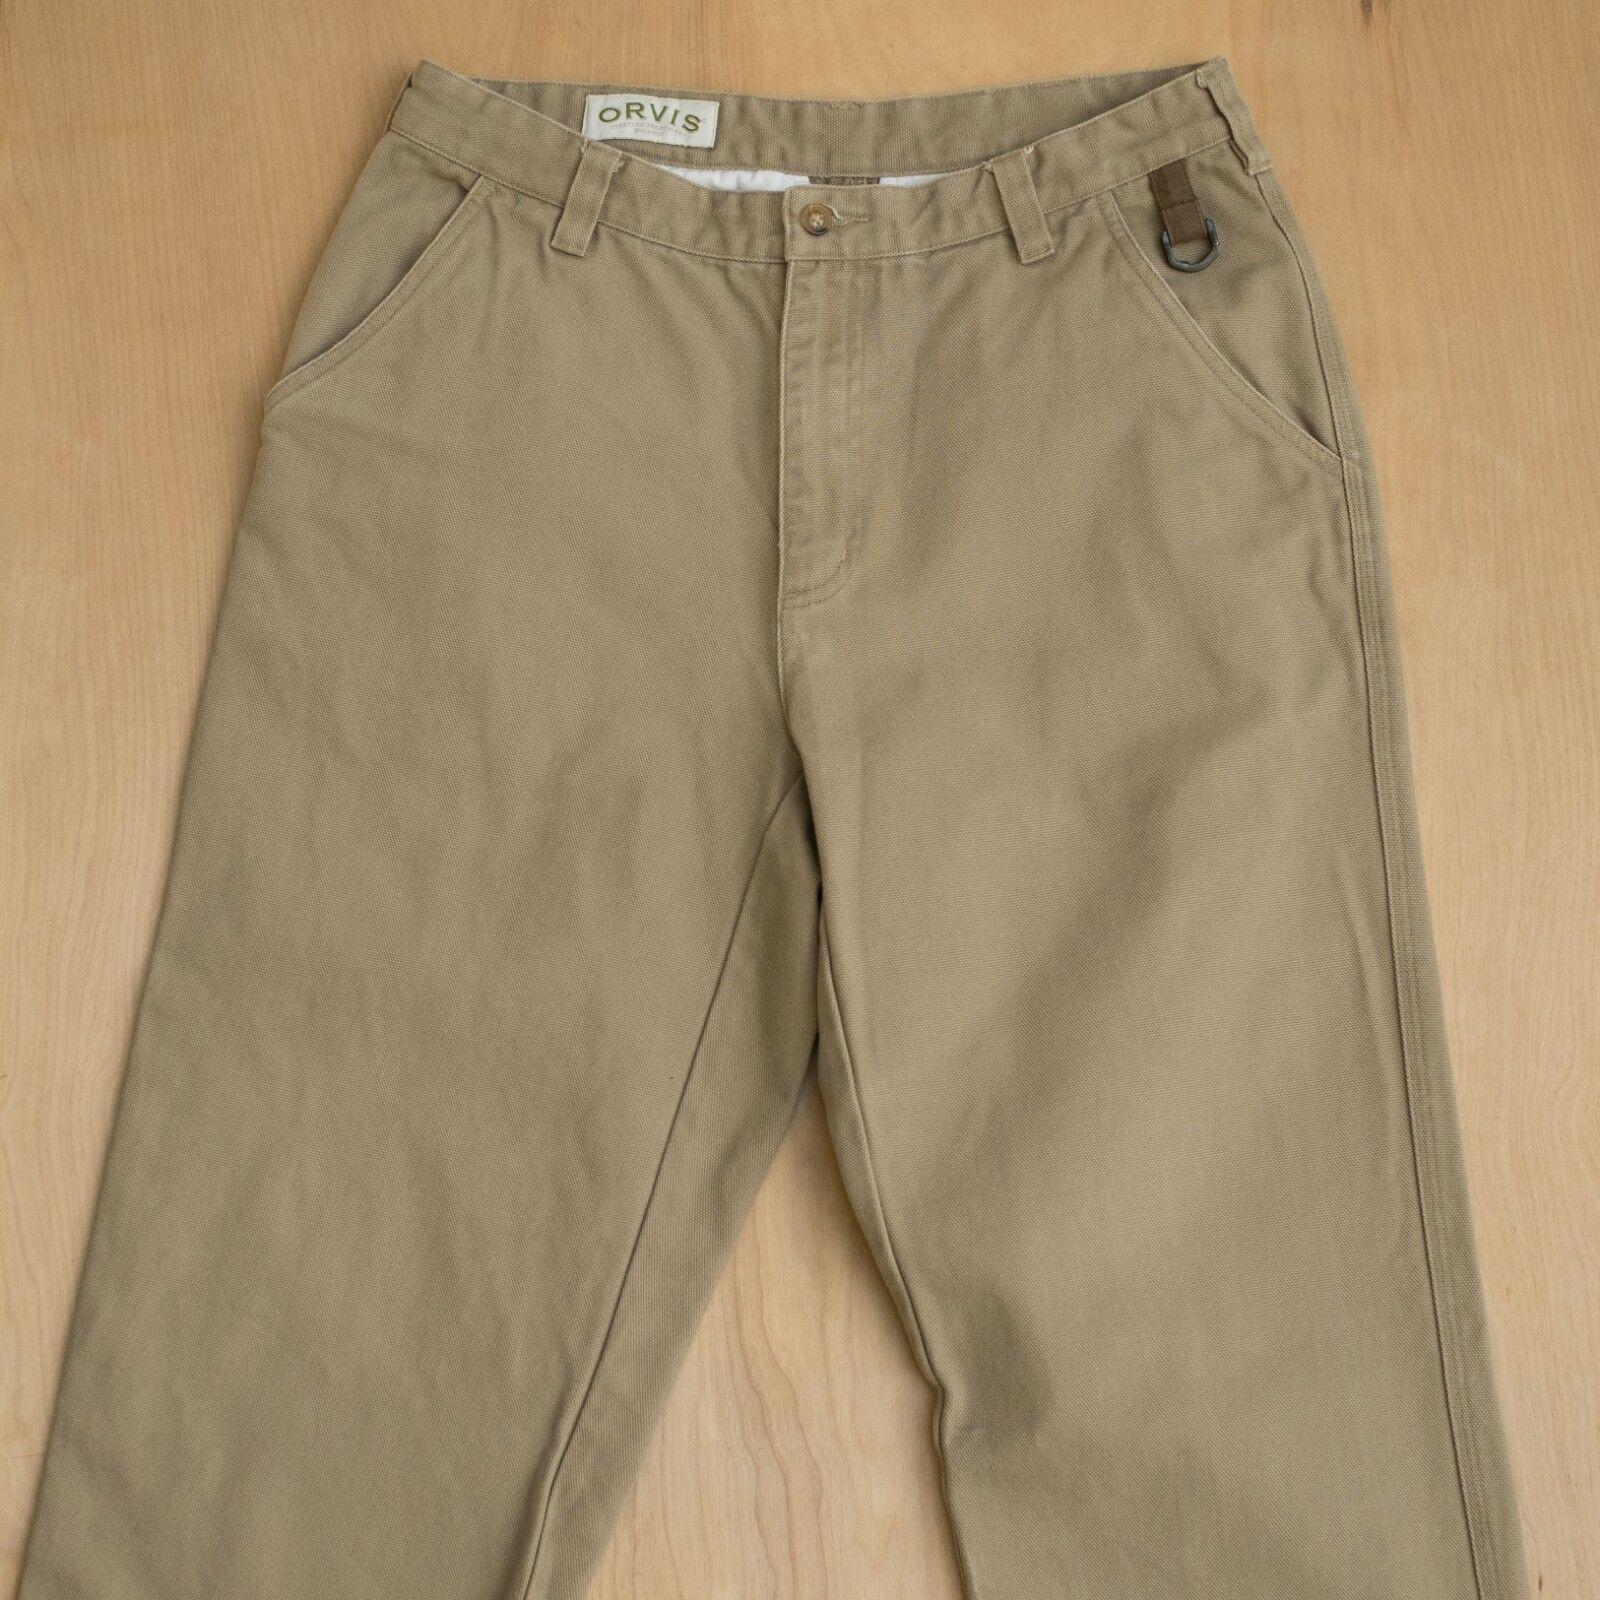 Orvis Heavy Canvas Field Pants Beige Tan outdoor work 32x31